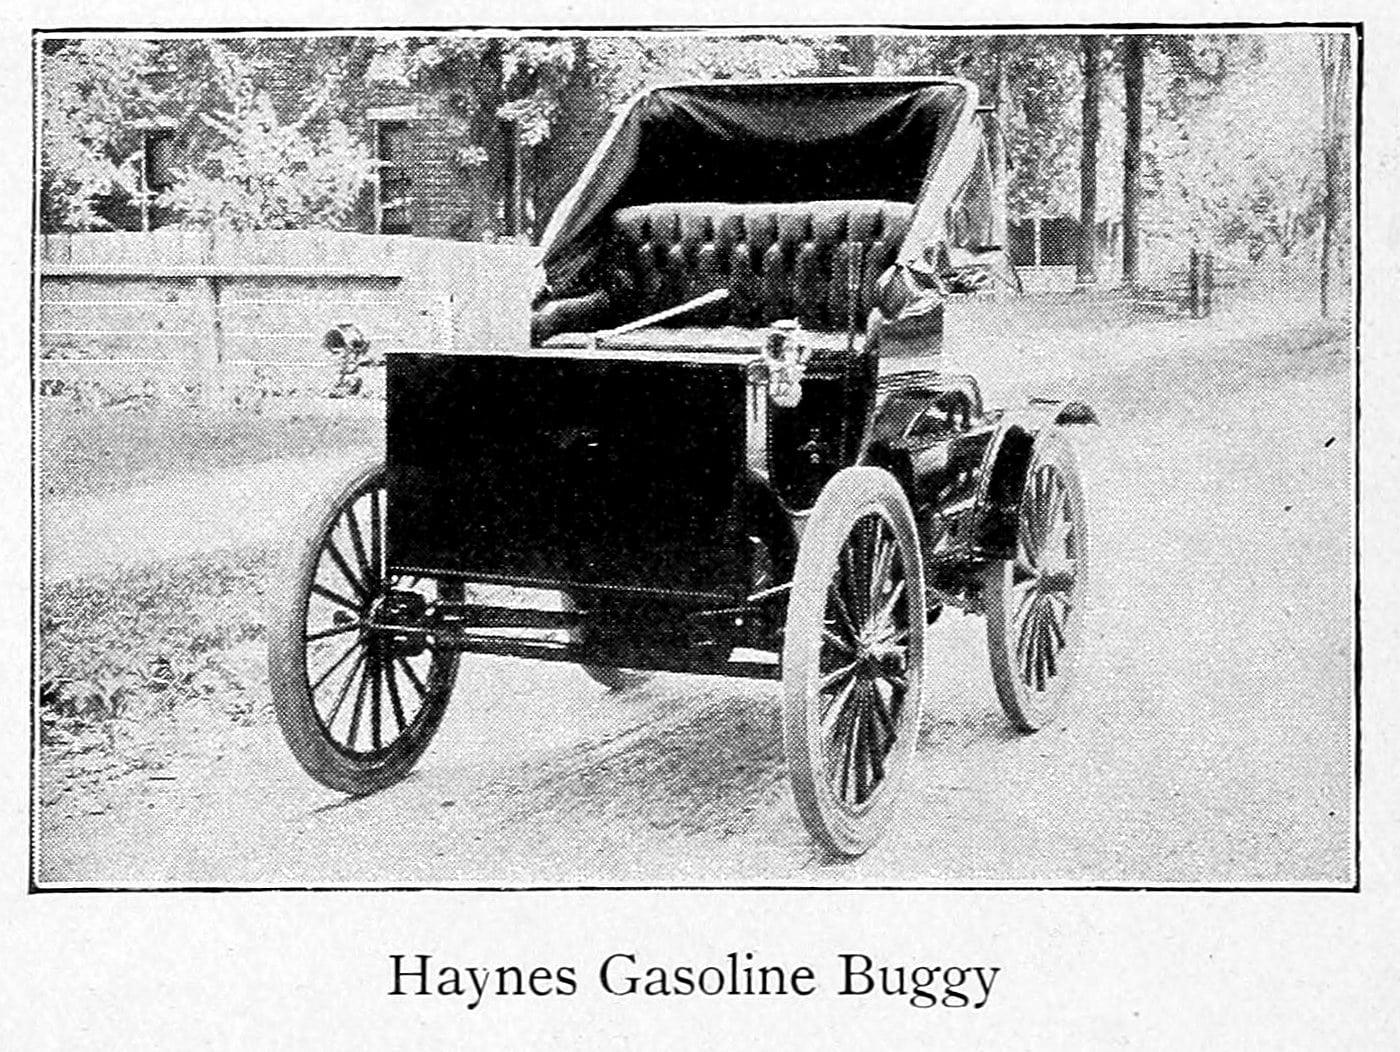 Haynes gasoline buggy (1899)